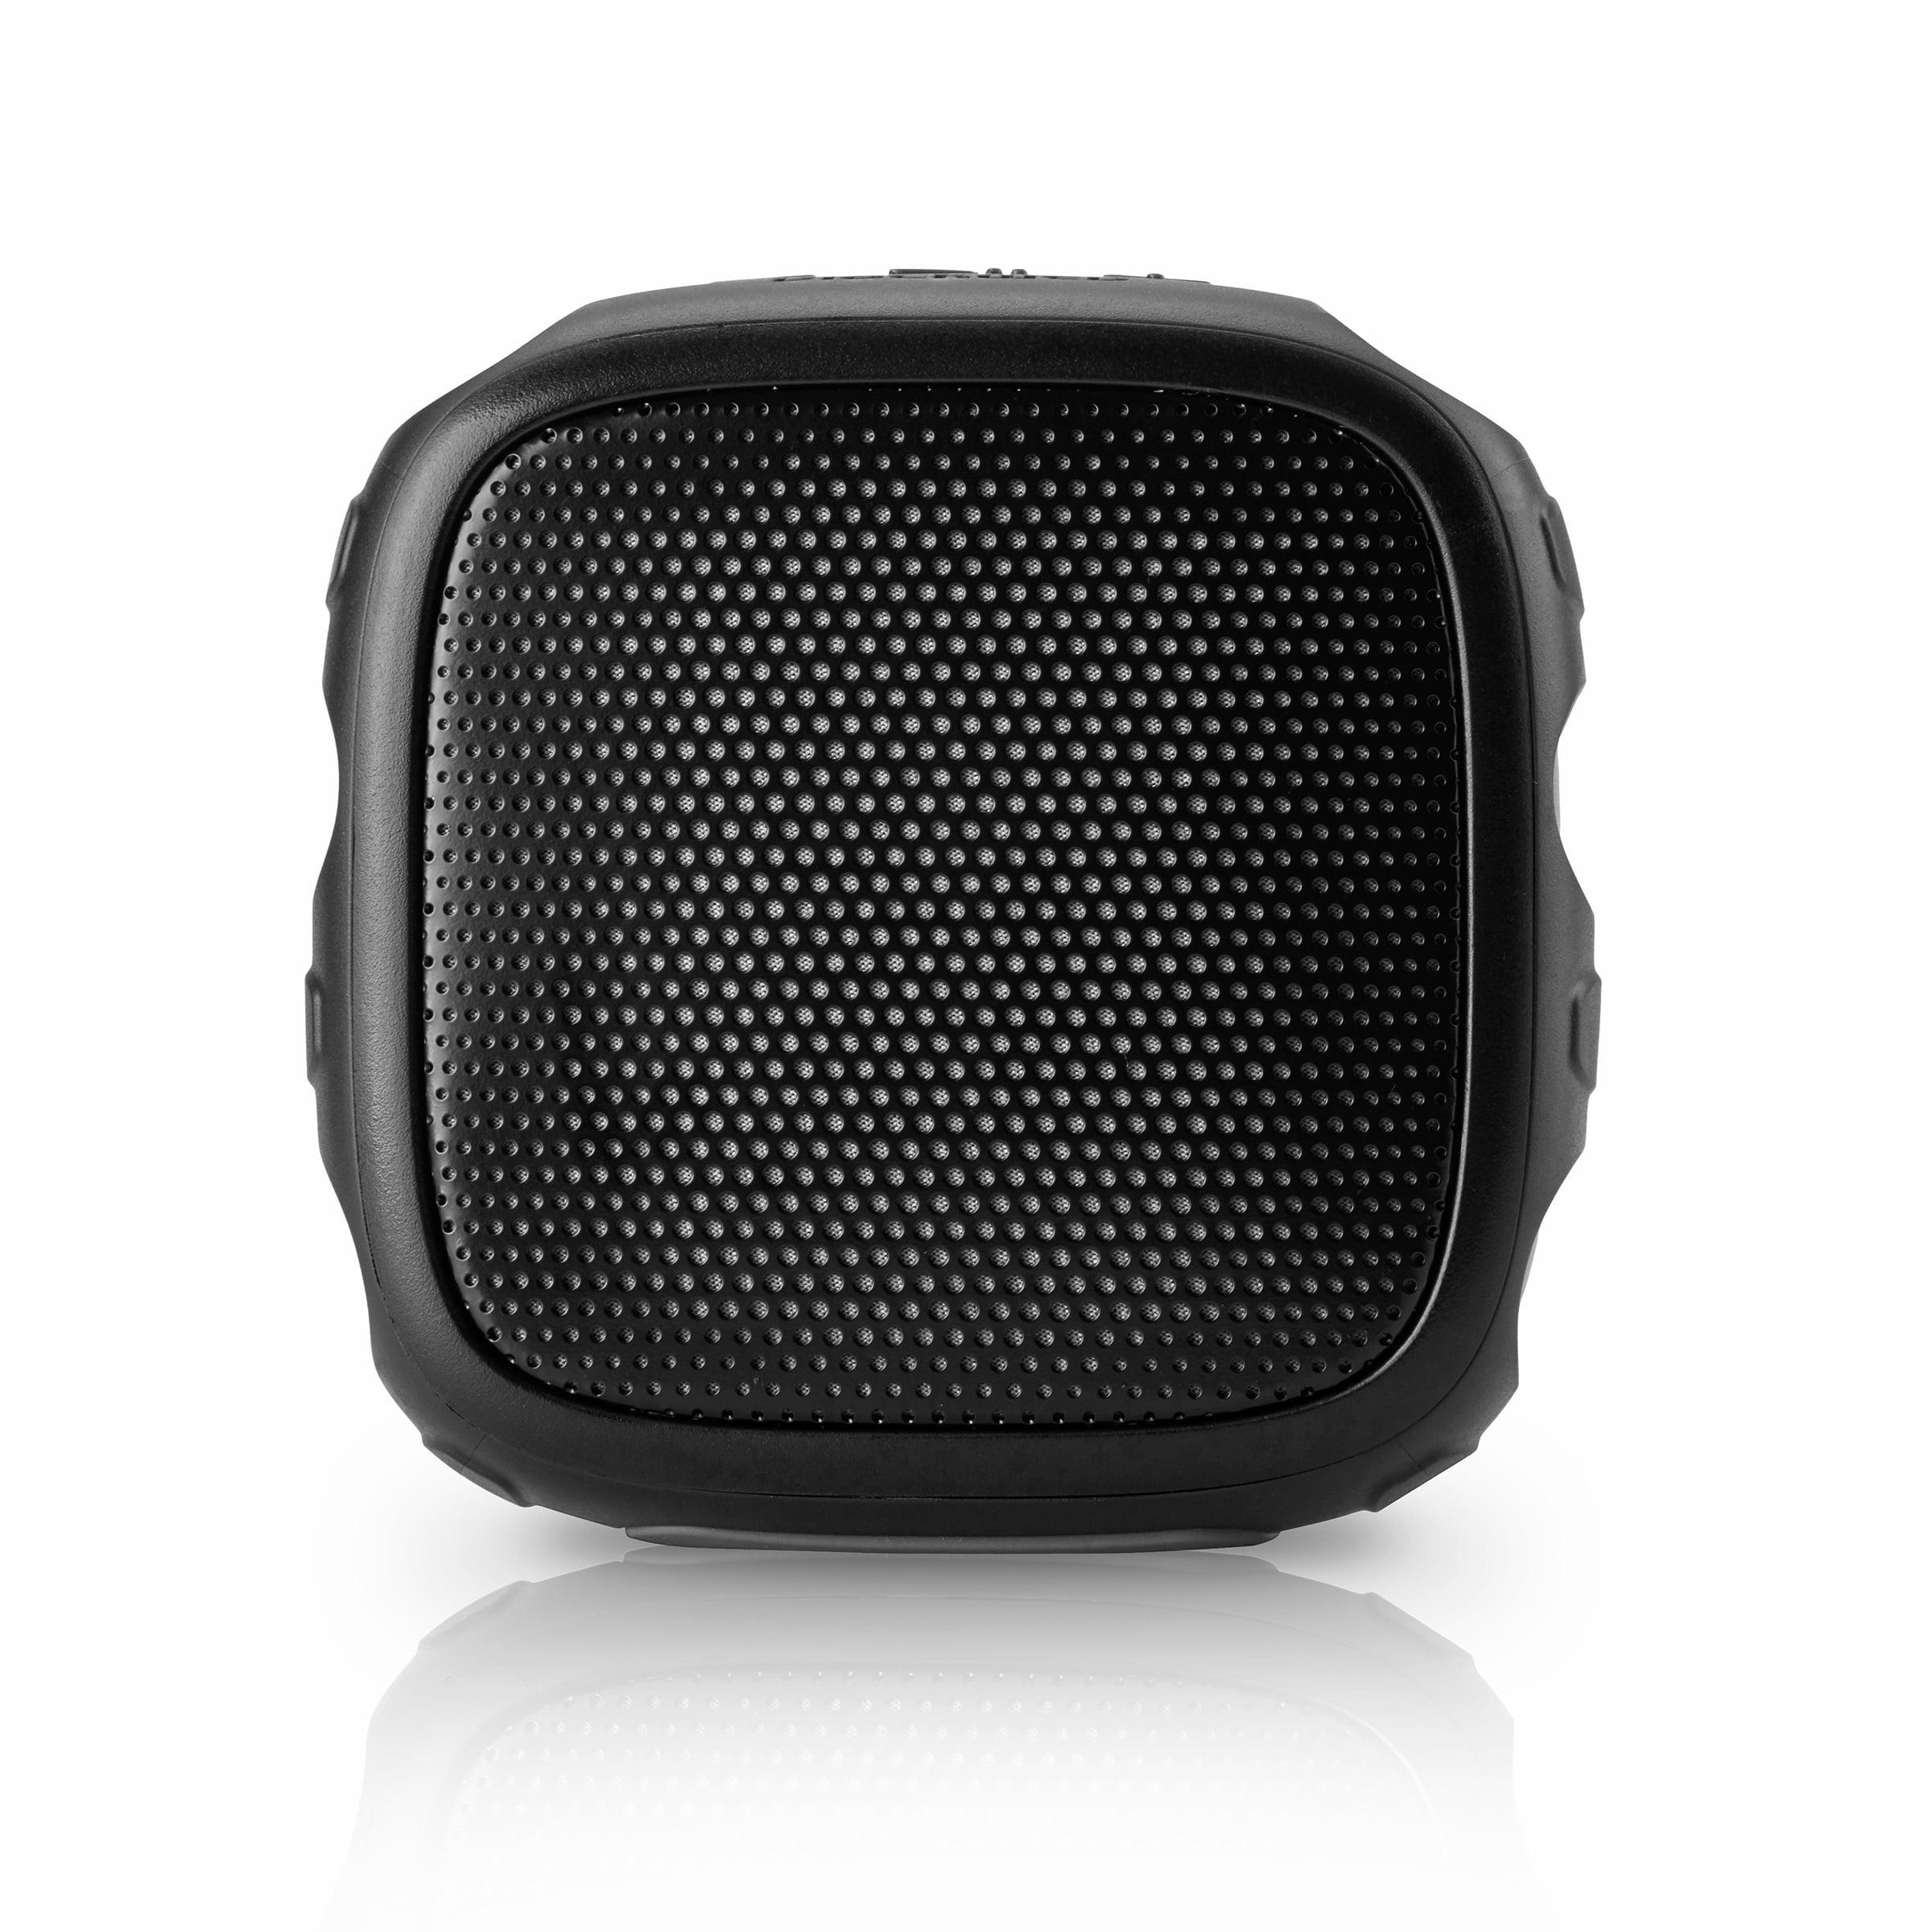 Blackweb™ Rugged Bluetooth Speaker, IPX5 Splash Proof Rating